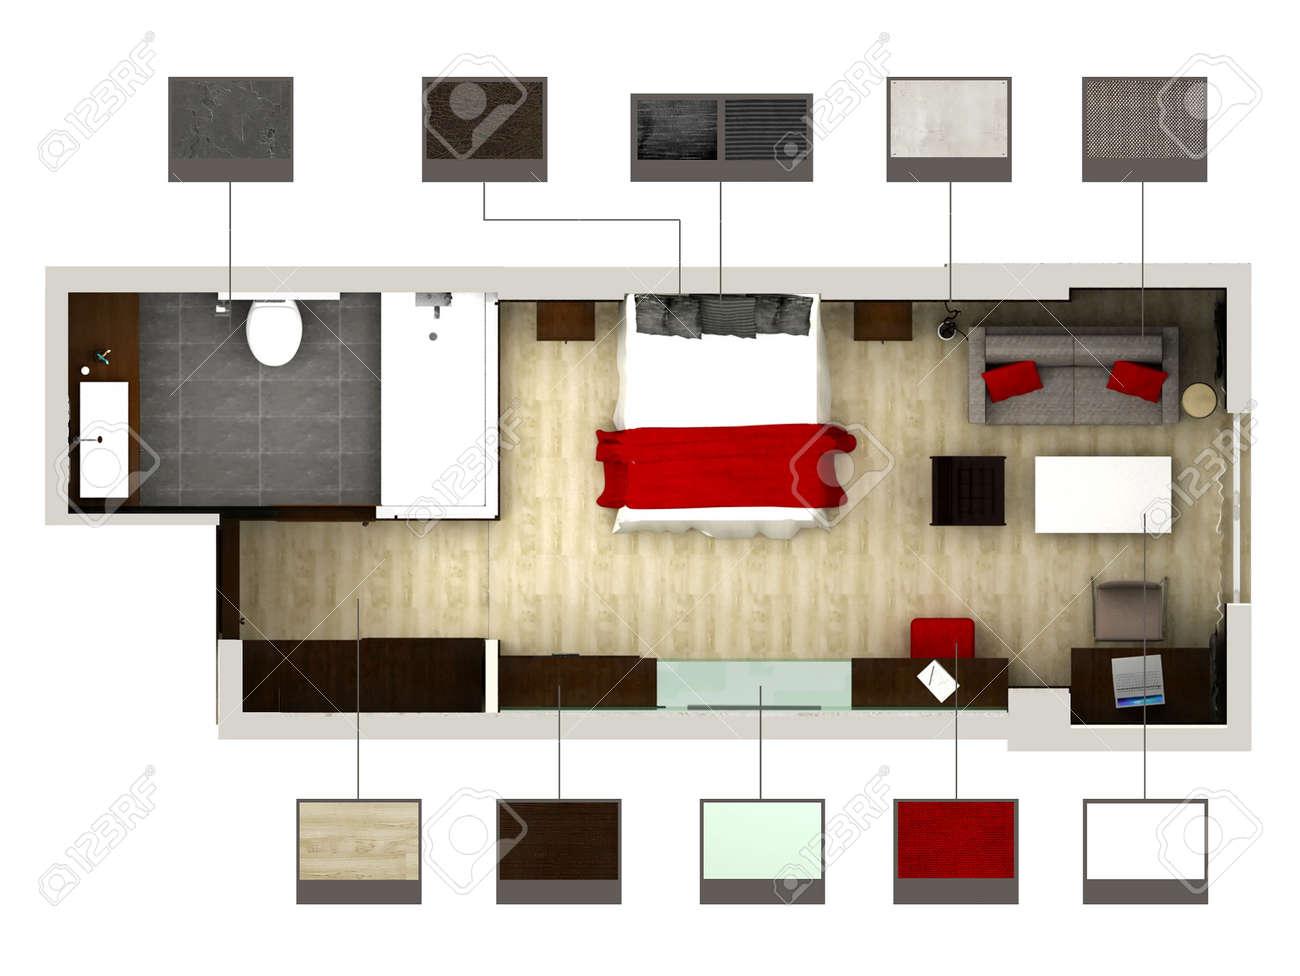 3d rendering di camera da letto o stanza foto royalty free ... - Camera Da Letto O